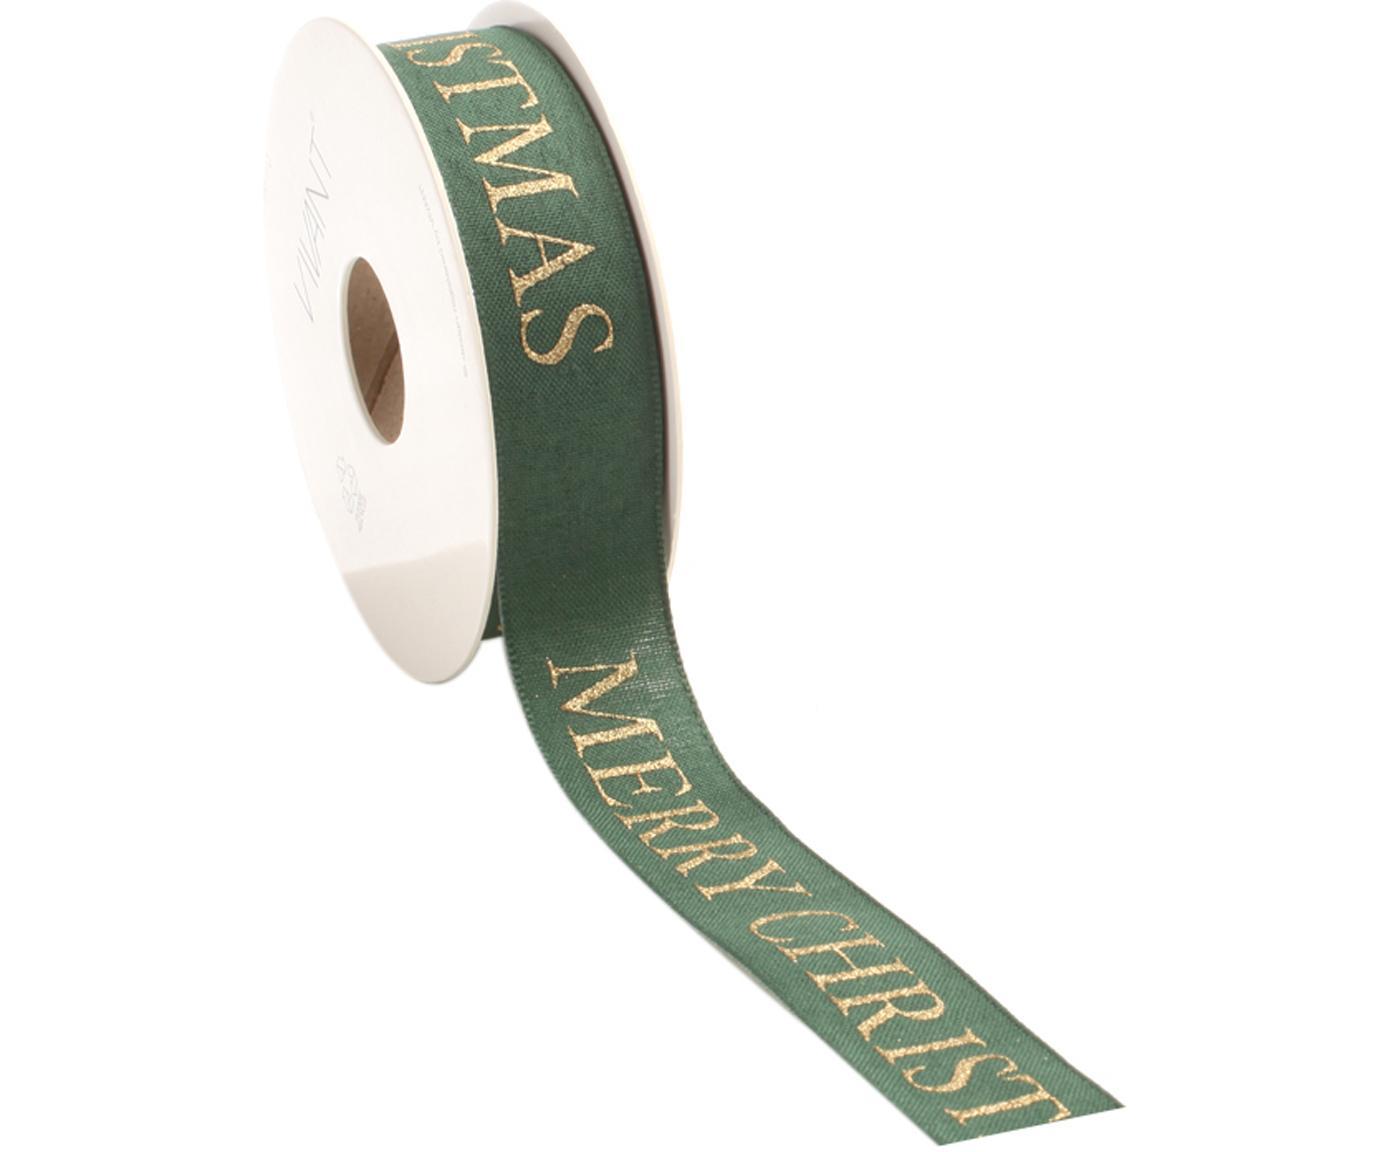 Geschenkband Textire, Polyester, Grün, Goldfarben, 3 x 1500 cm